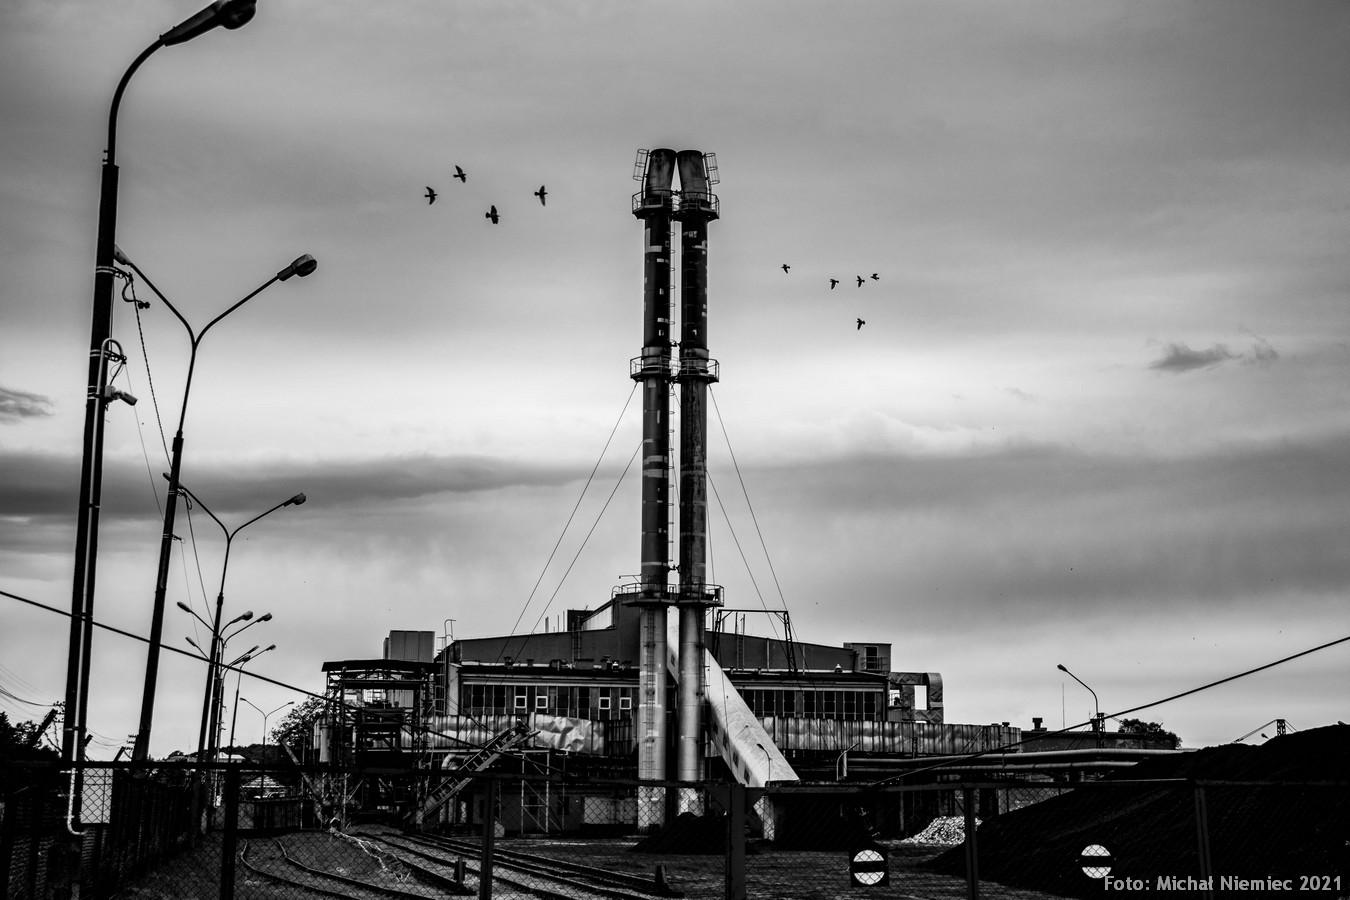 Autosan - Sanocki krajobraz przemysłowy [ZDJĘCIA] - Zdjęcie główne